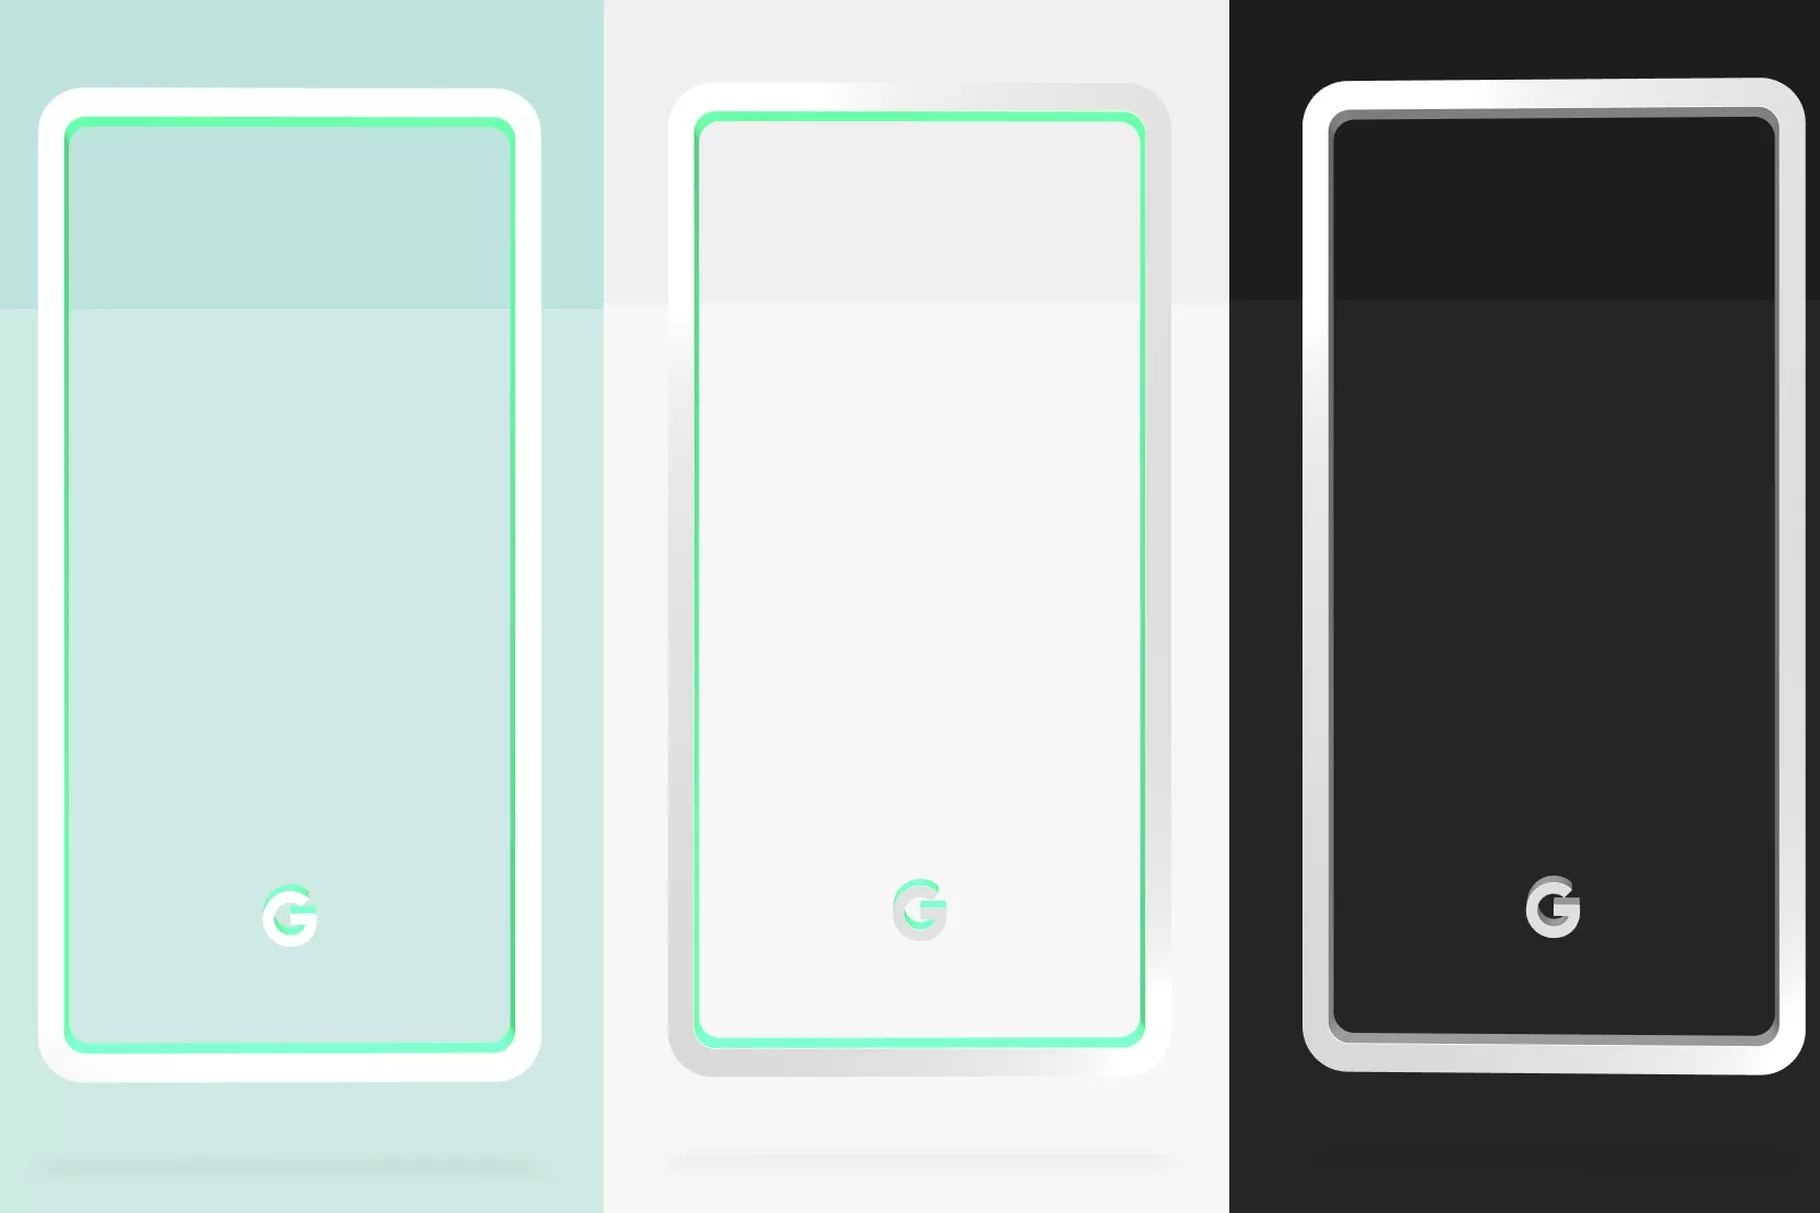 Google Pixel 3 ve Pixel 3 XL'i üç renk seçeneğiyle sunacak